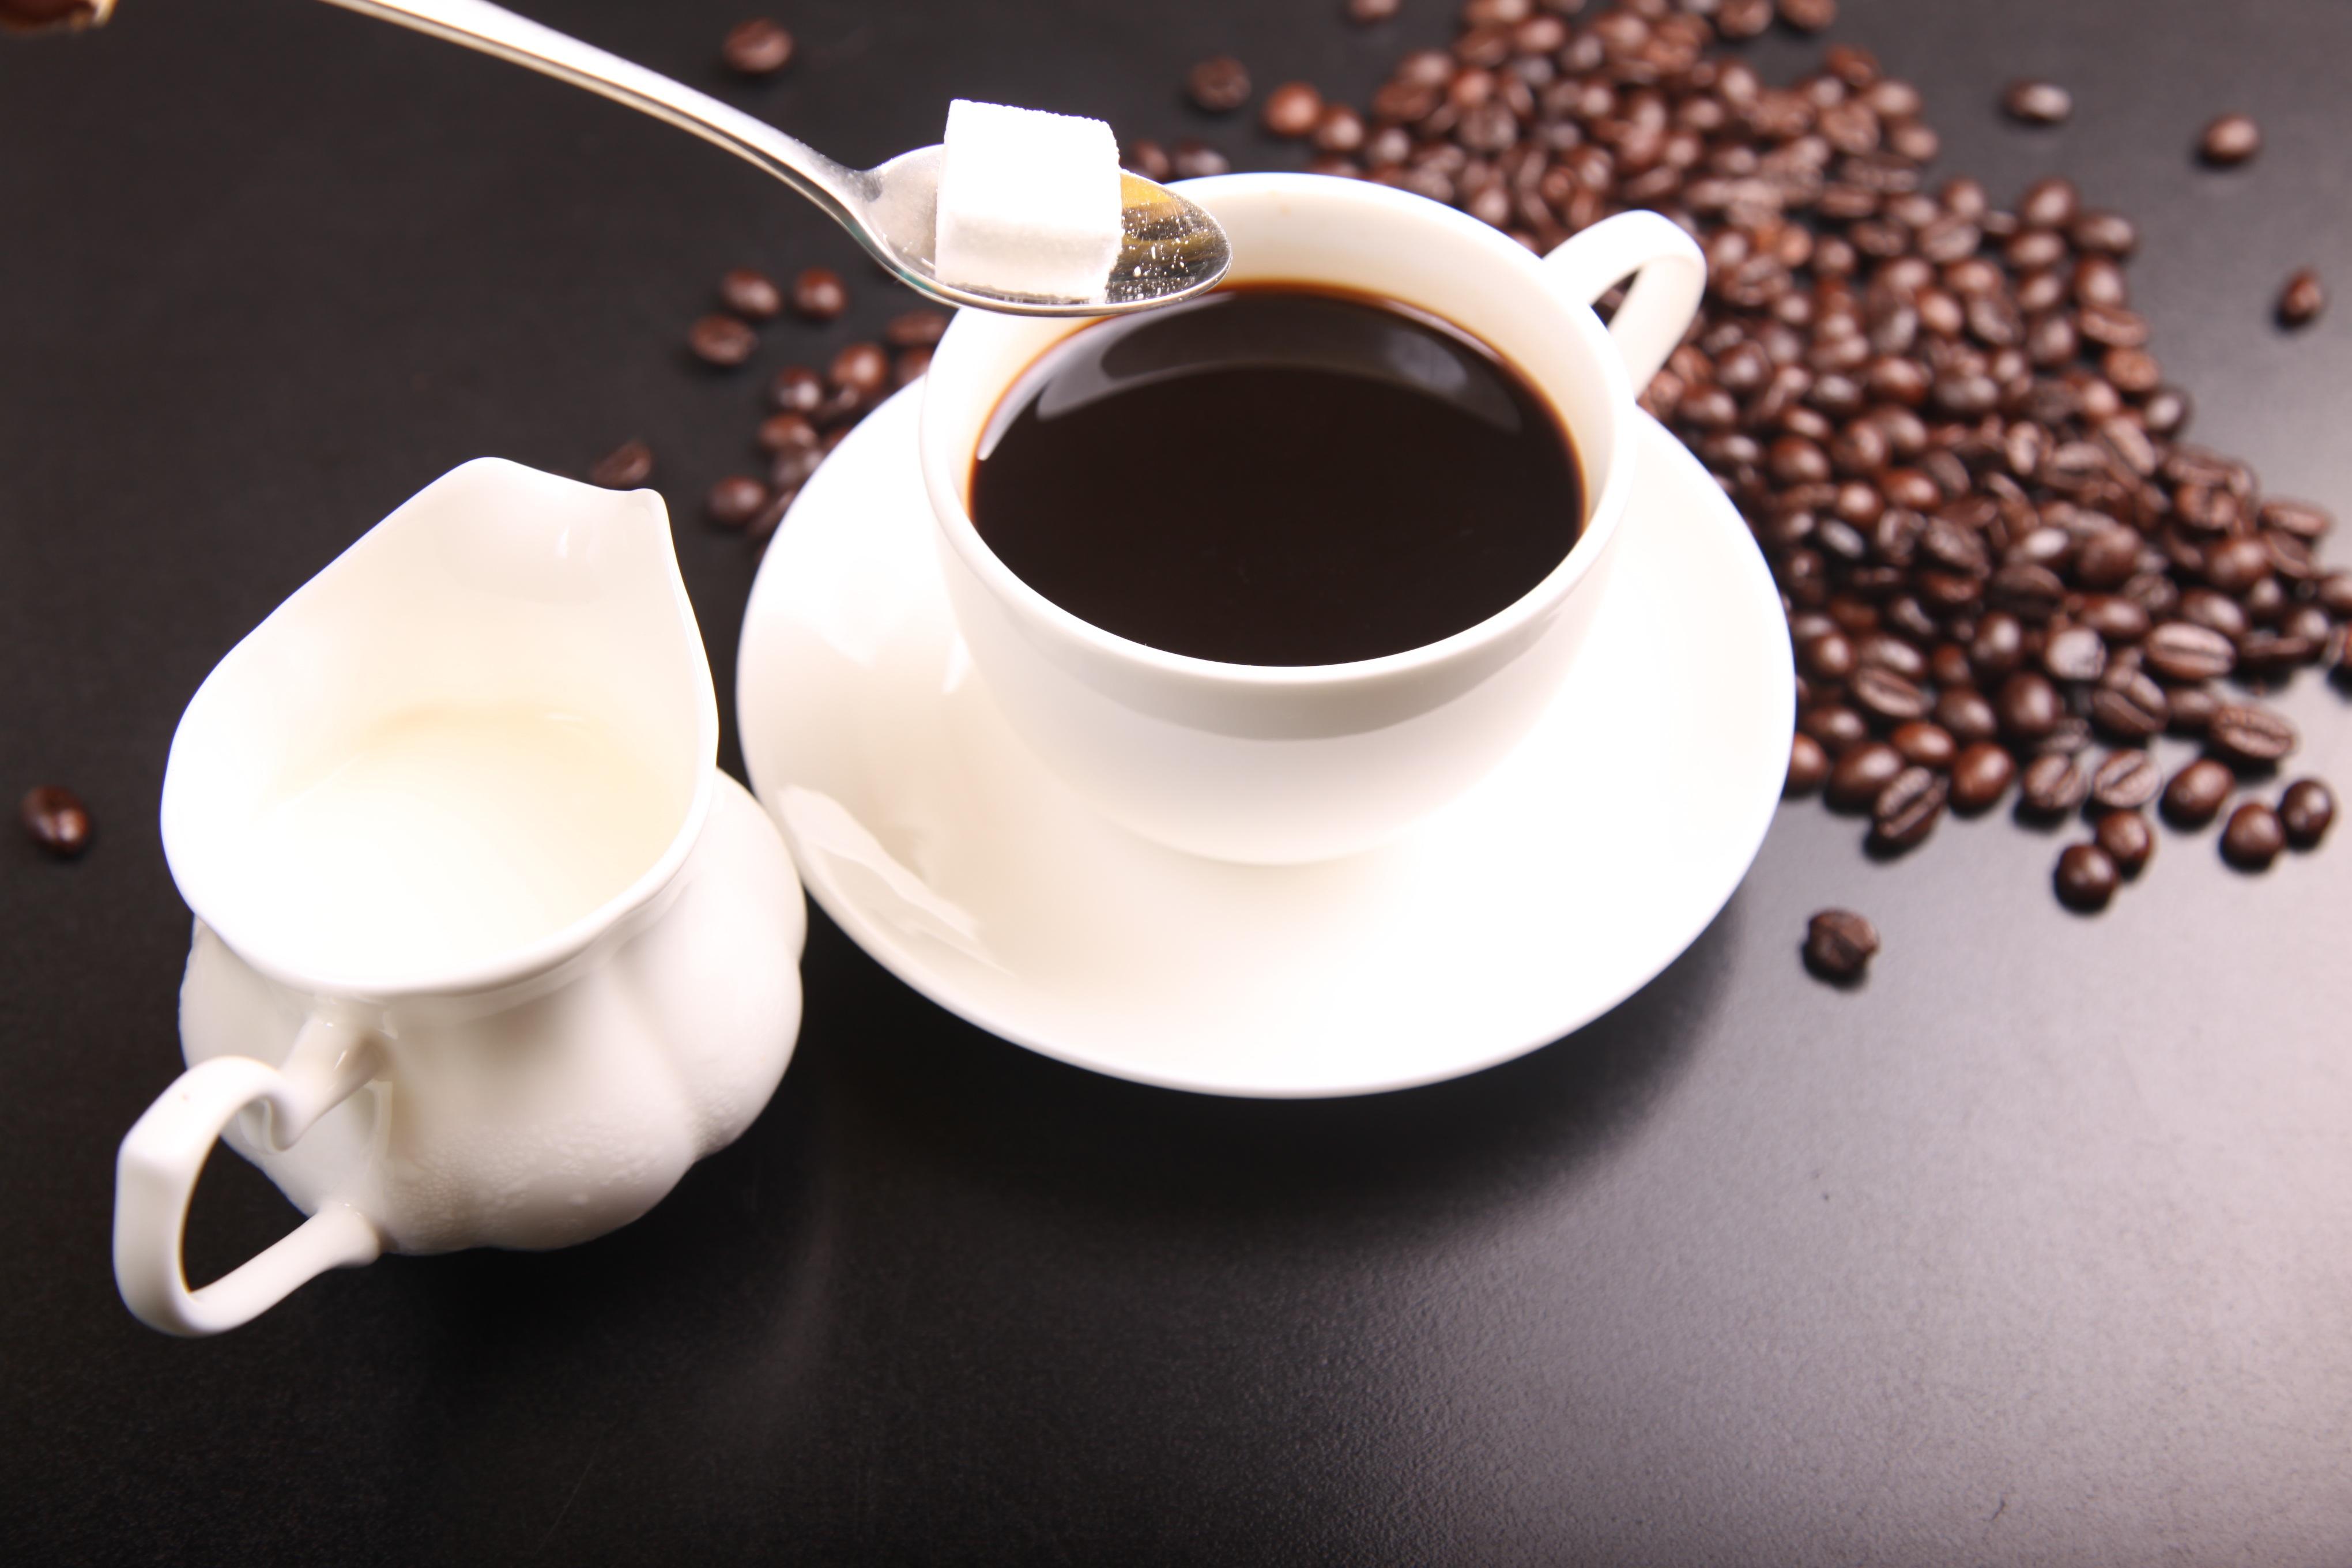 сне оно картинки чашек с сахаром правило, это заболевание